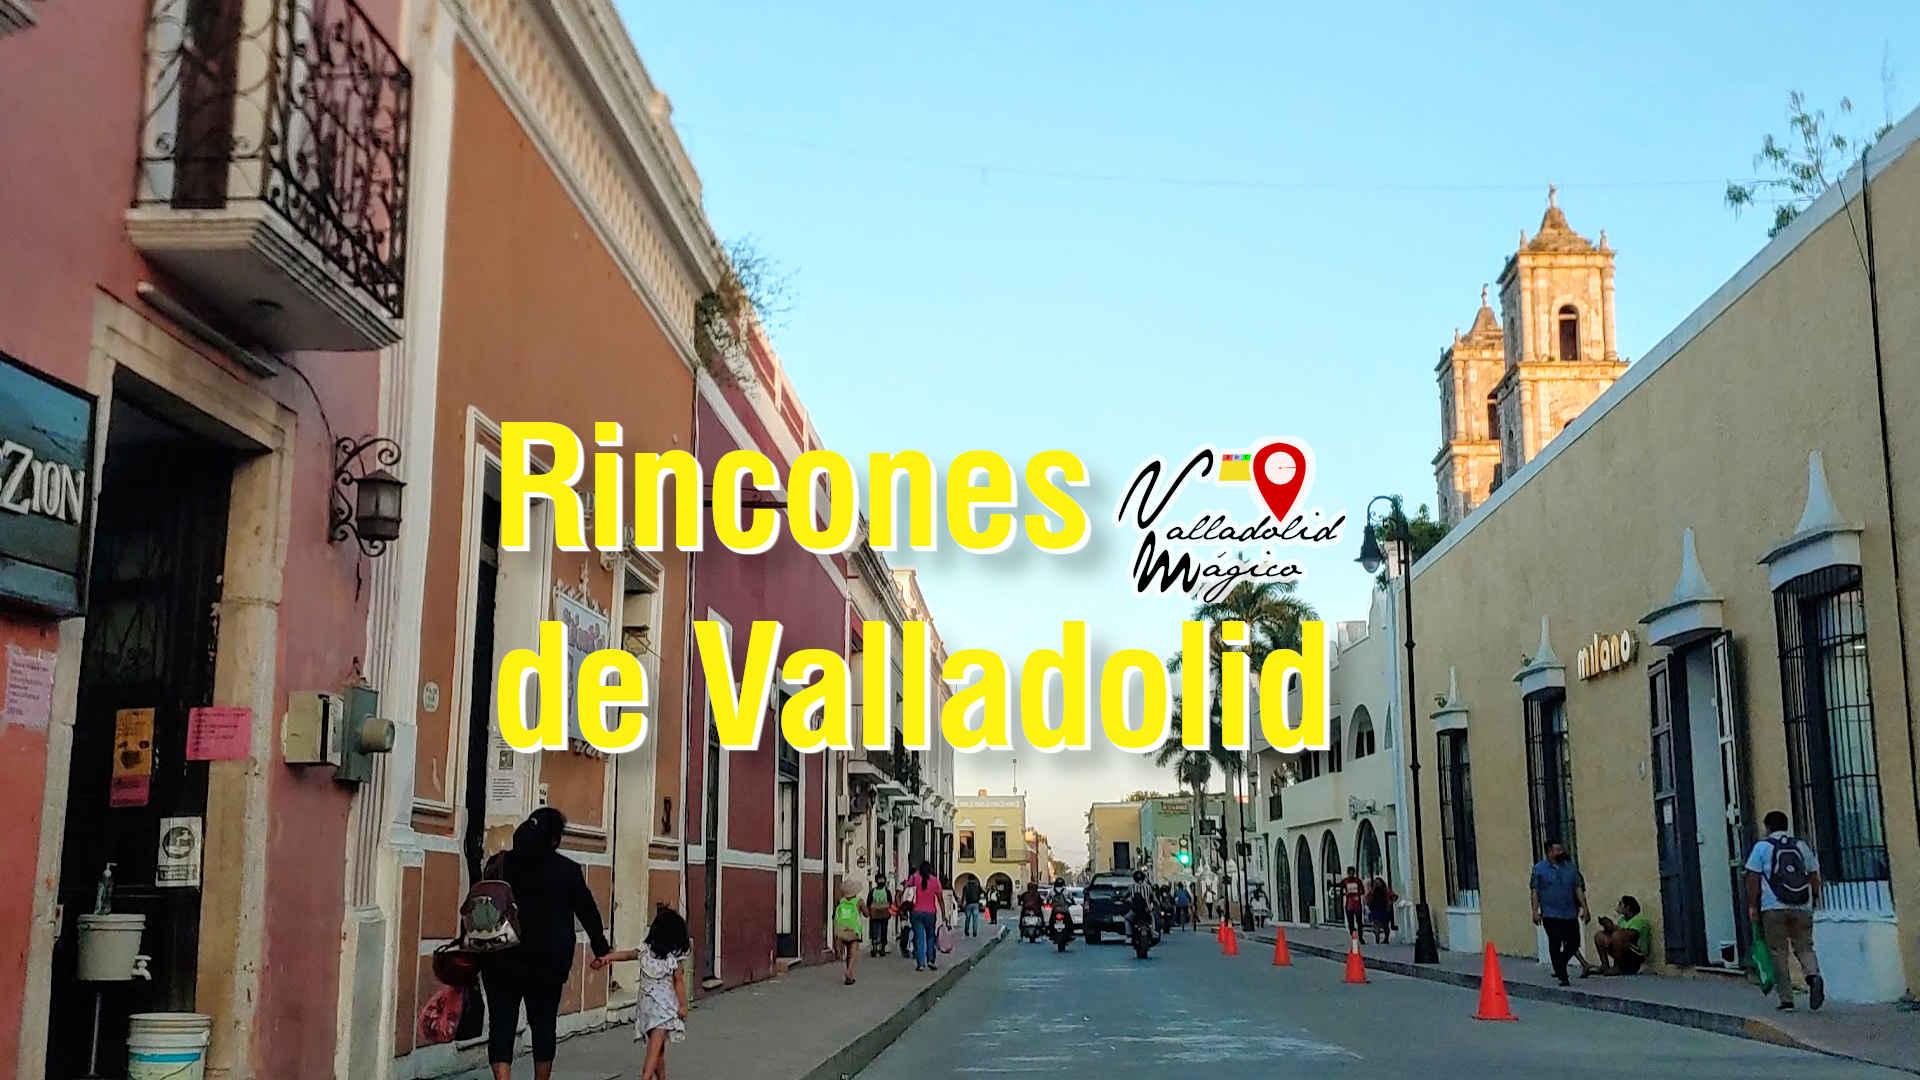 Rincones de Valladolid Yucatán.